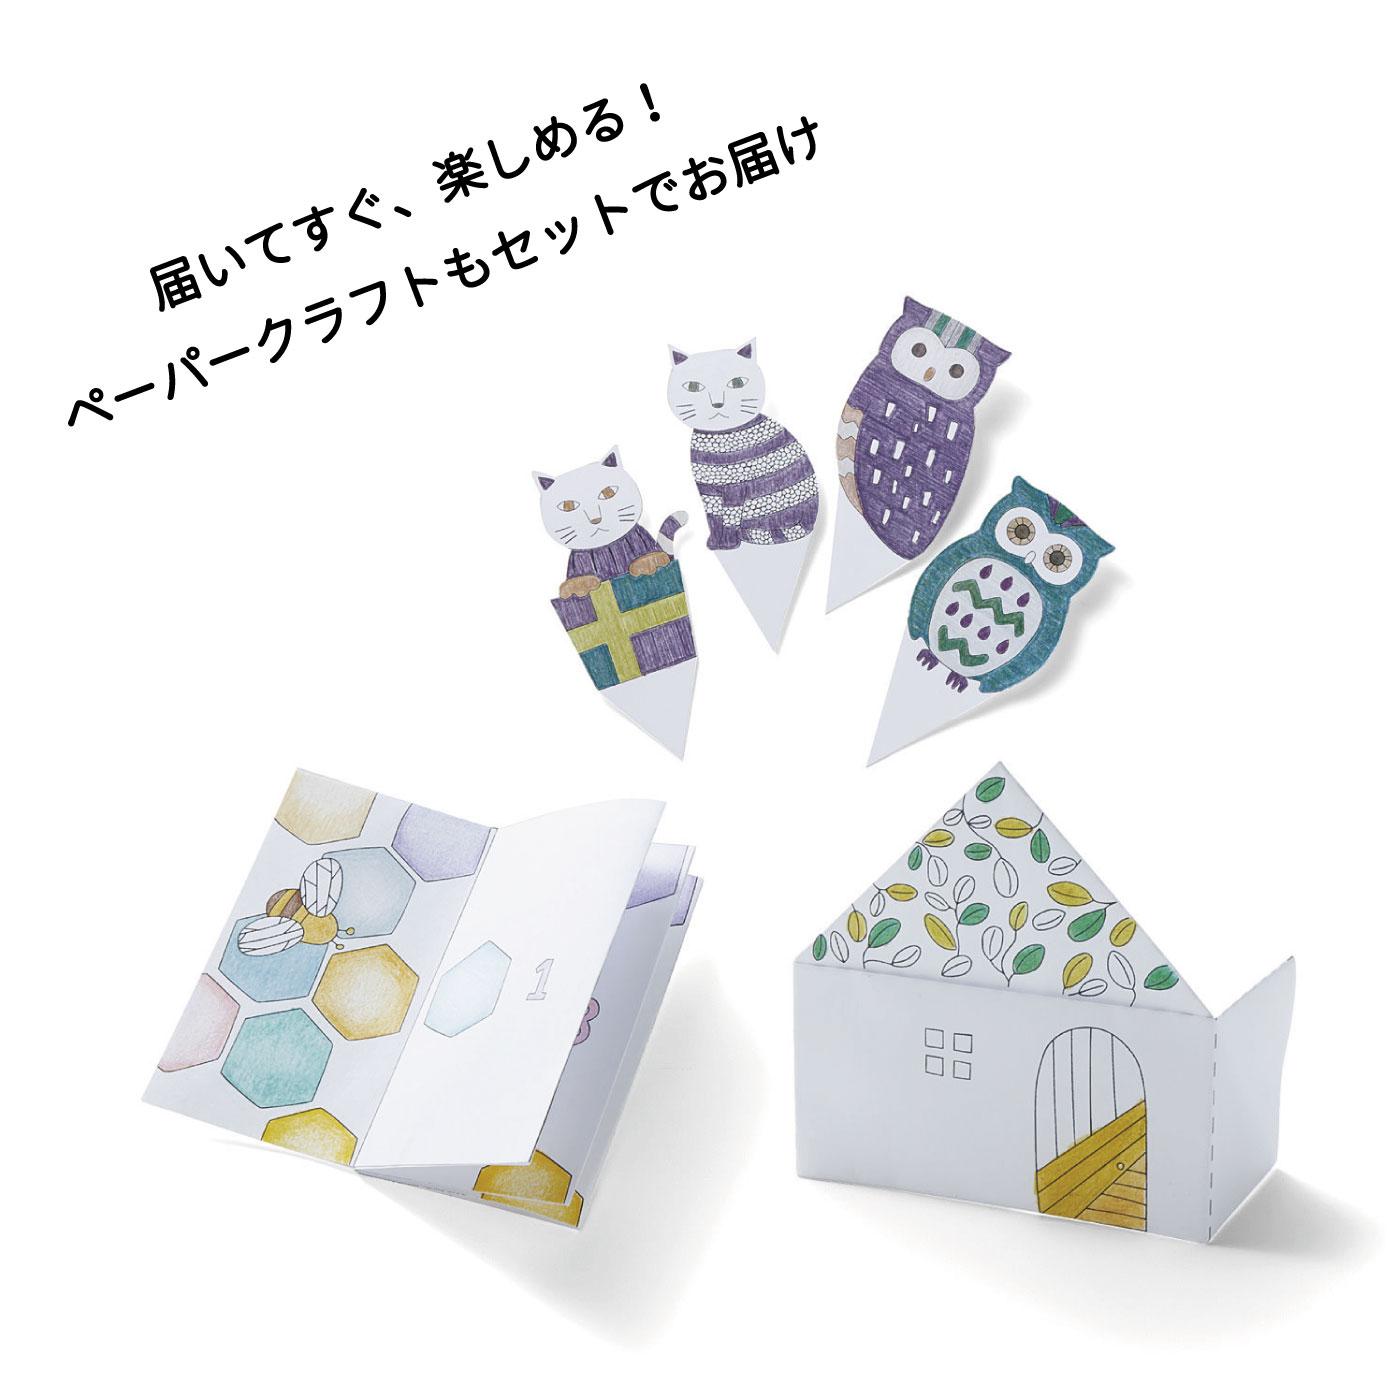 フェリシモコレクション|500色の色えんぴつ TOKYO SEEDS|セットのペーパークラフトは、メッセージカード、ラッピンググッズやモビールなど、届いてすぐに楽しめます。